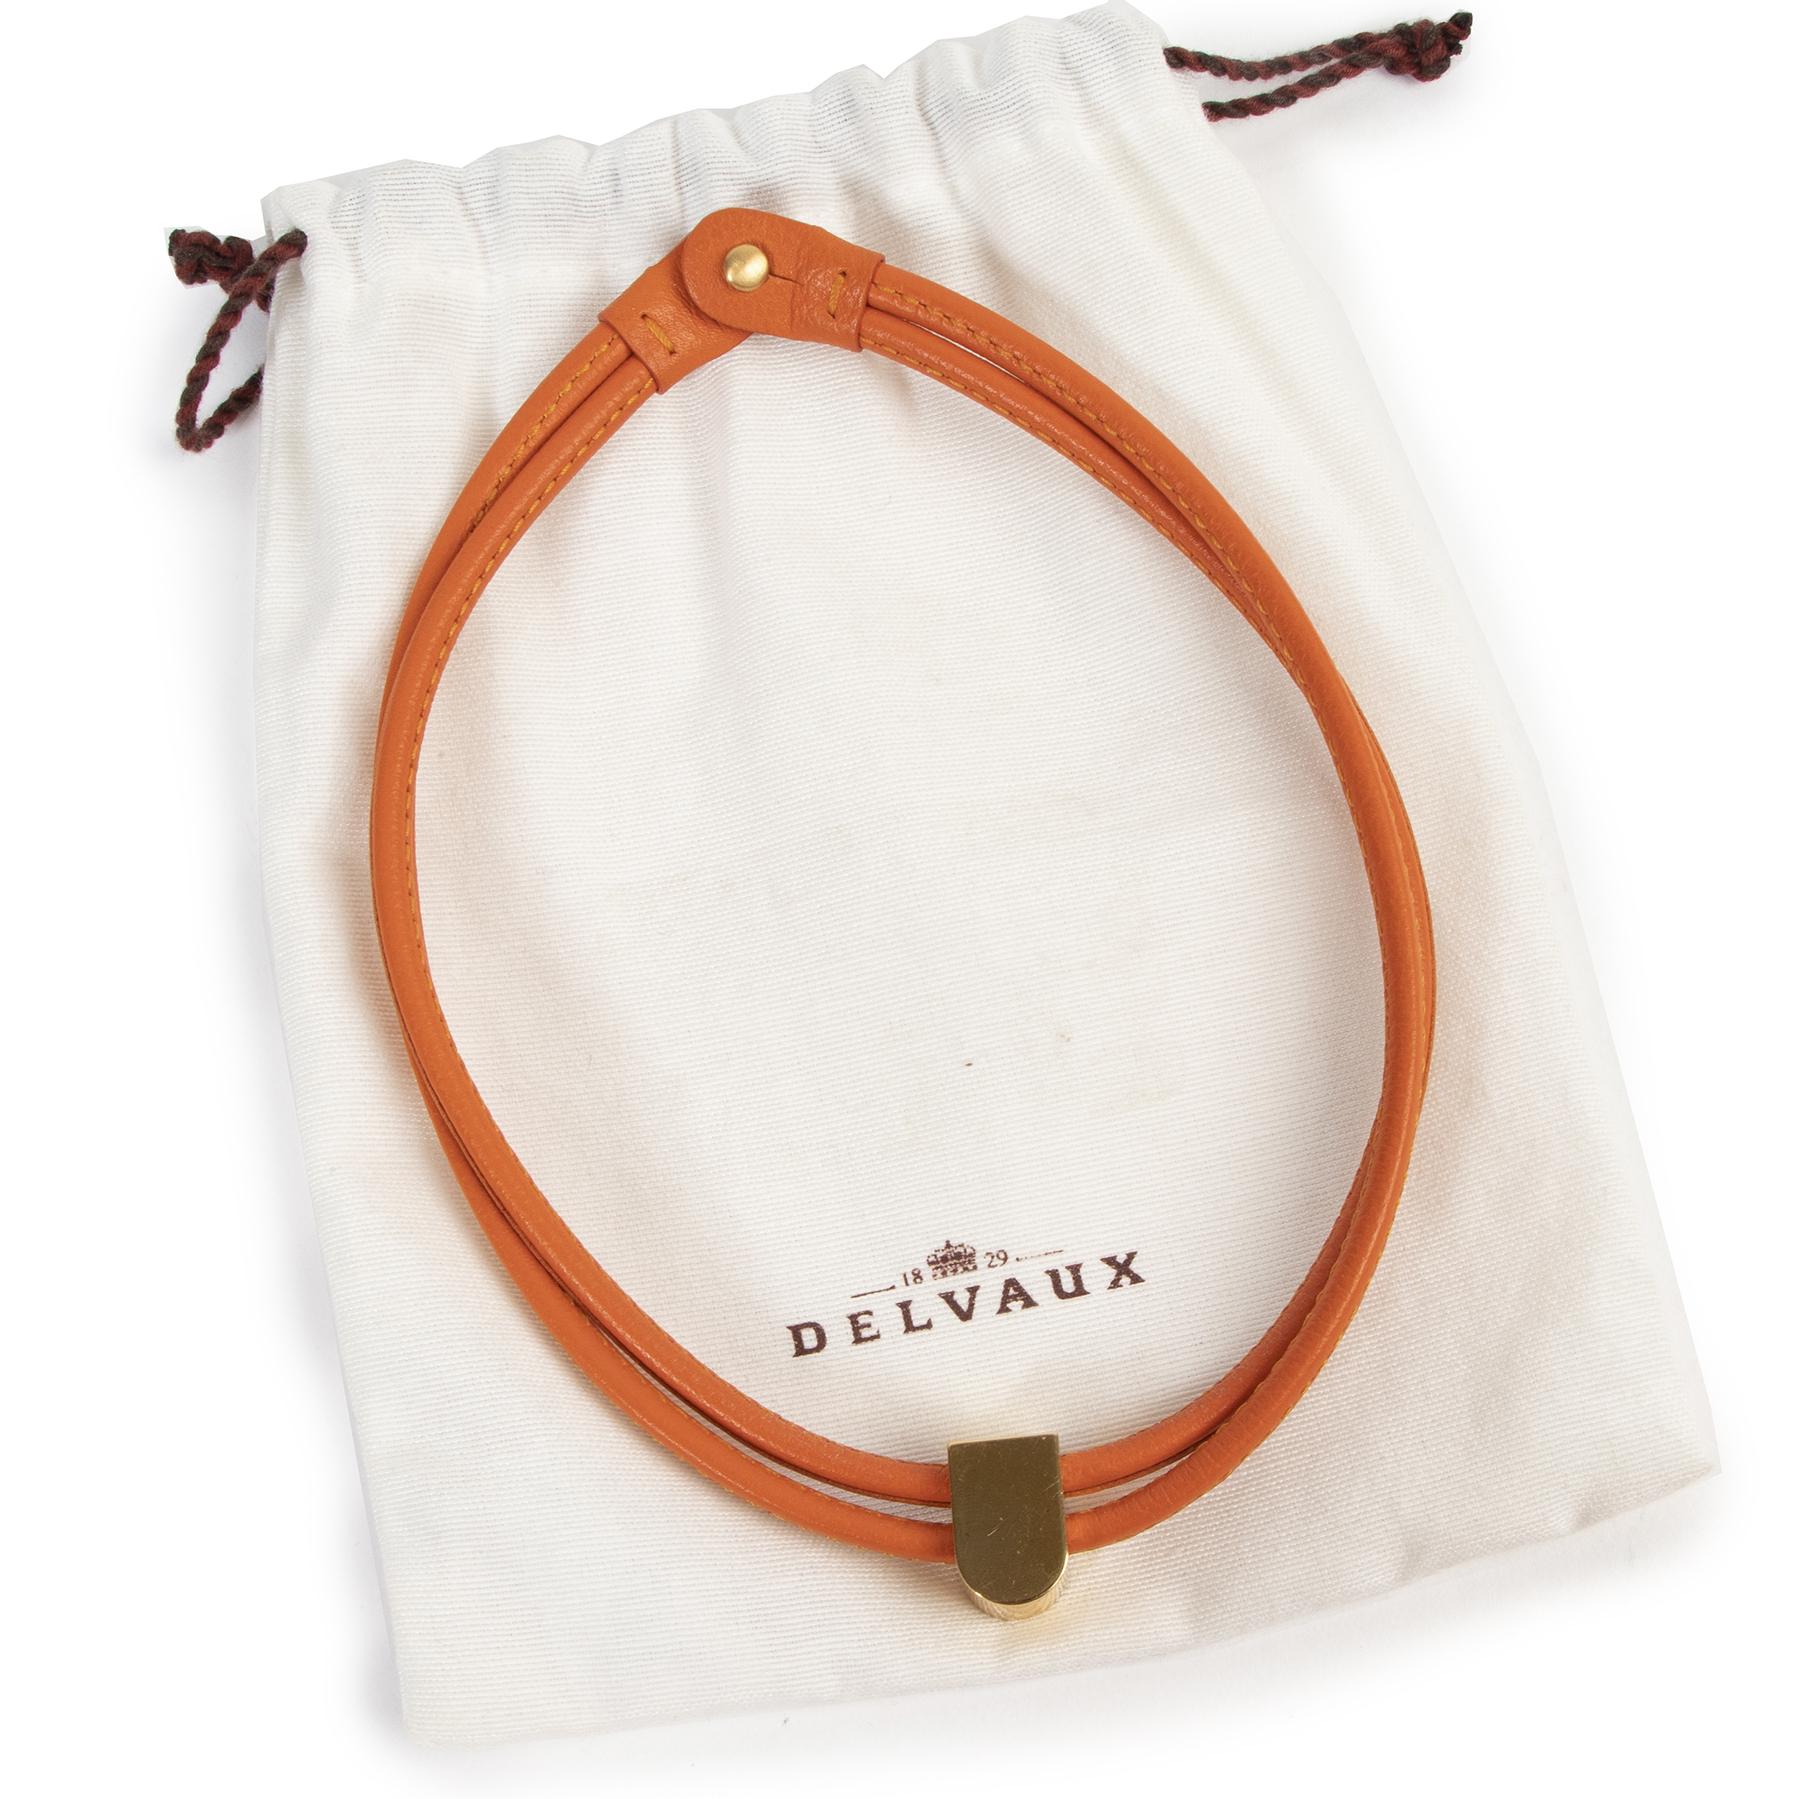 acheter en ligne seconde main Delvaux Orange Leather Necklace Gold D